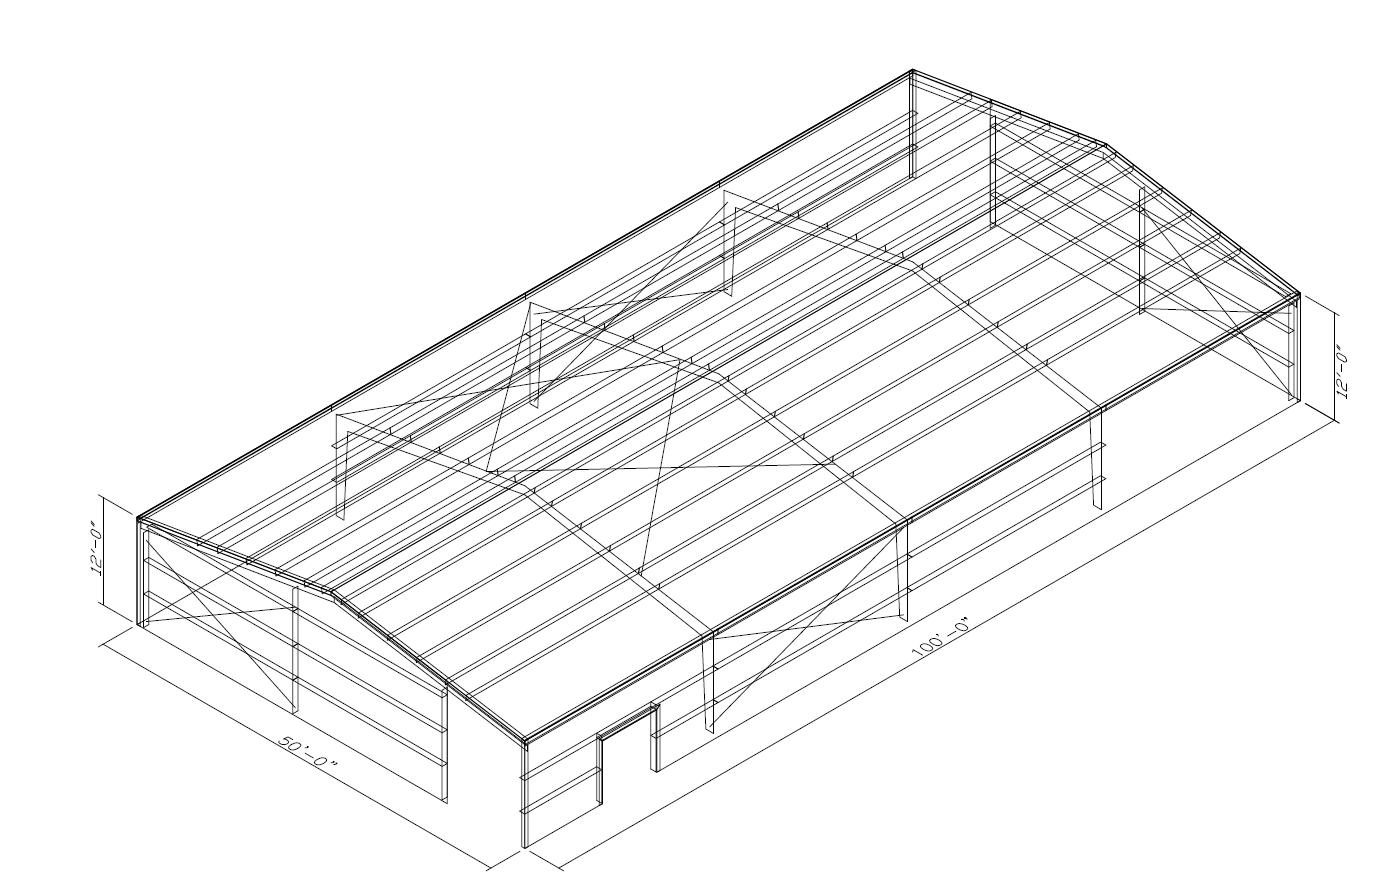 50 X 100 Prefab Metal Buildings For Sale Metal Buildings For Sale Metal Building Kits Metal Buildings